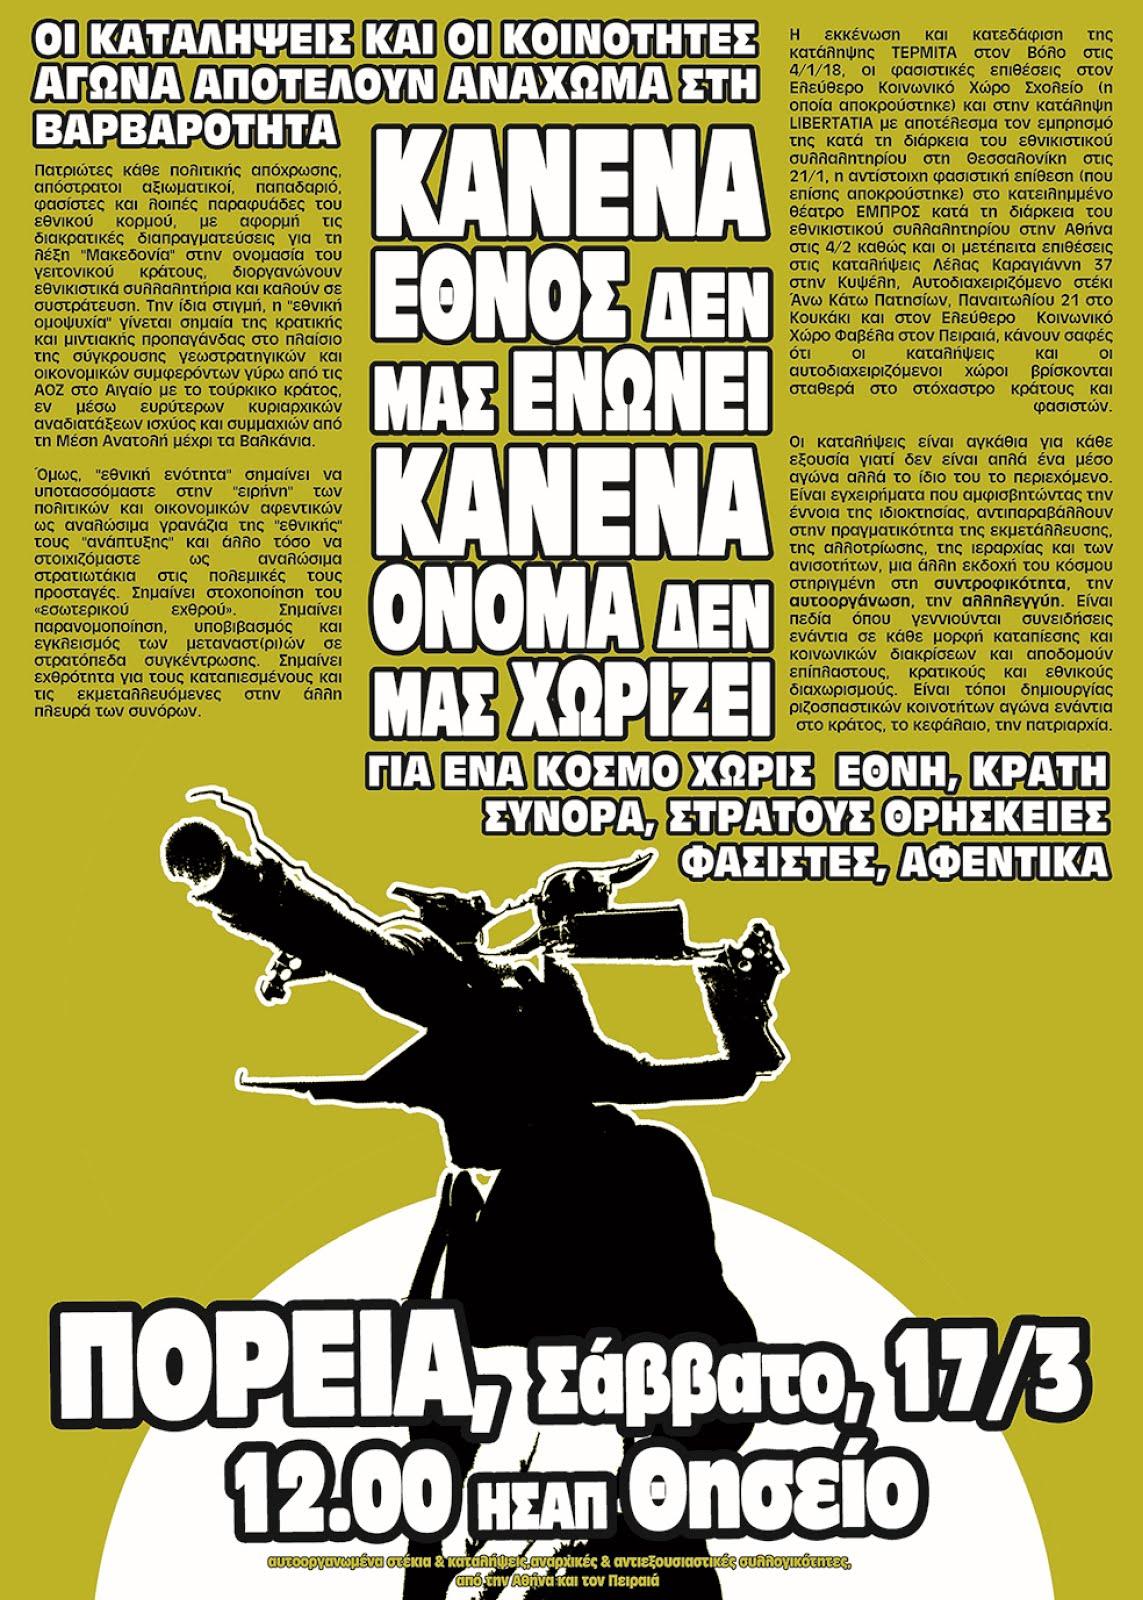 Σάββατο 17/03, 12:00, Σταθμός ΗΣΑΠ Θησείο: Αντεθνική πορεία αλληλεγγύης στις καταλήψεις